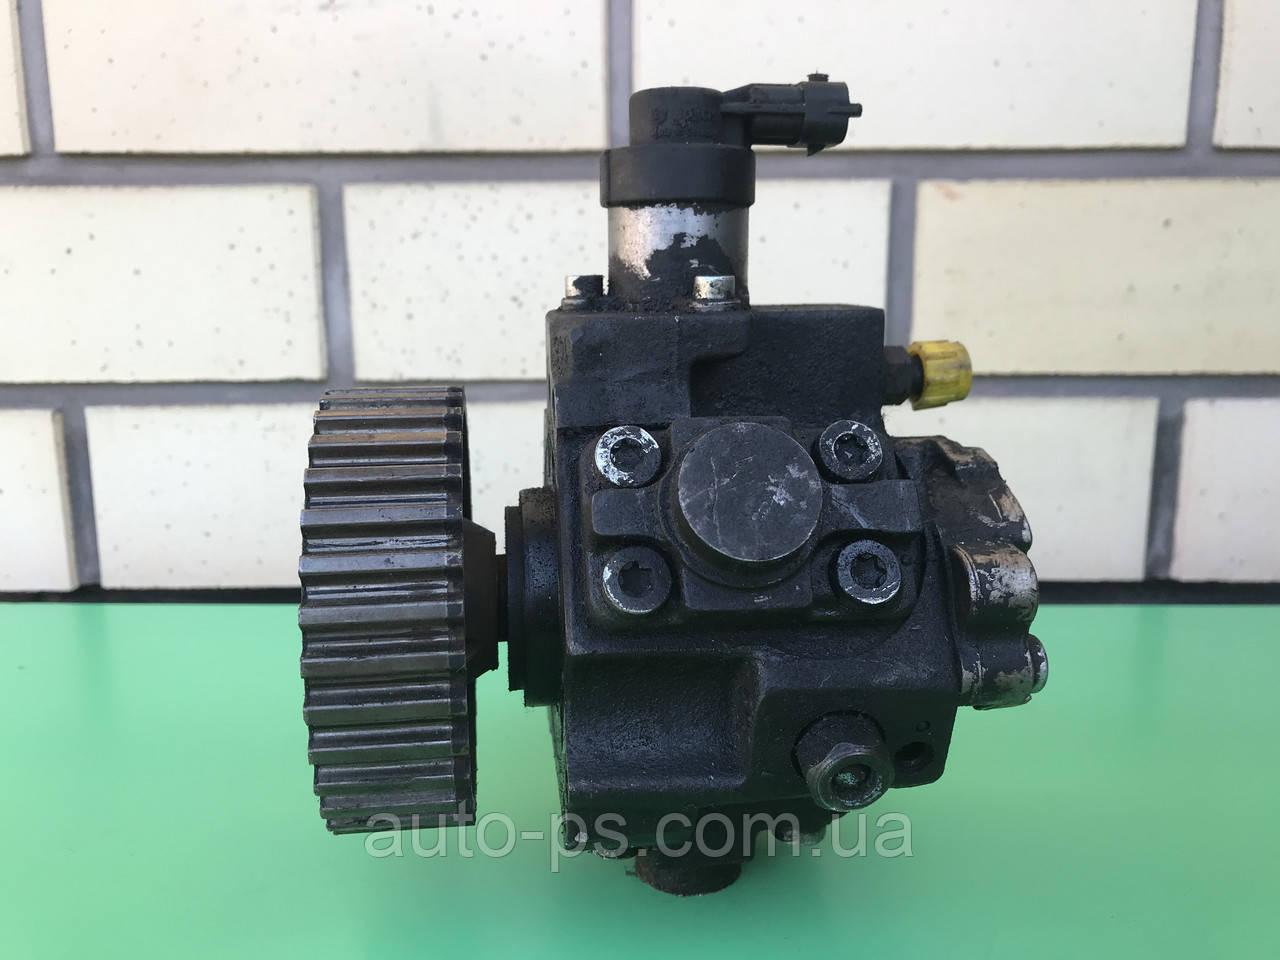 Топливный насос высокого давления (ТНВД) Fiat Scudo 1.6D Multijet